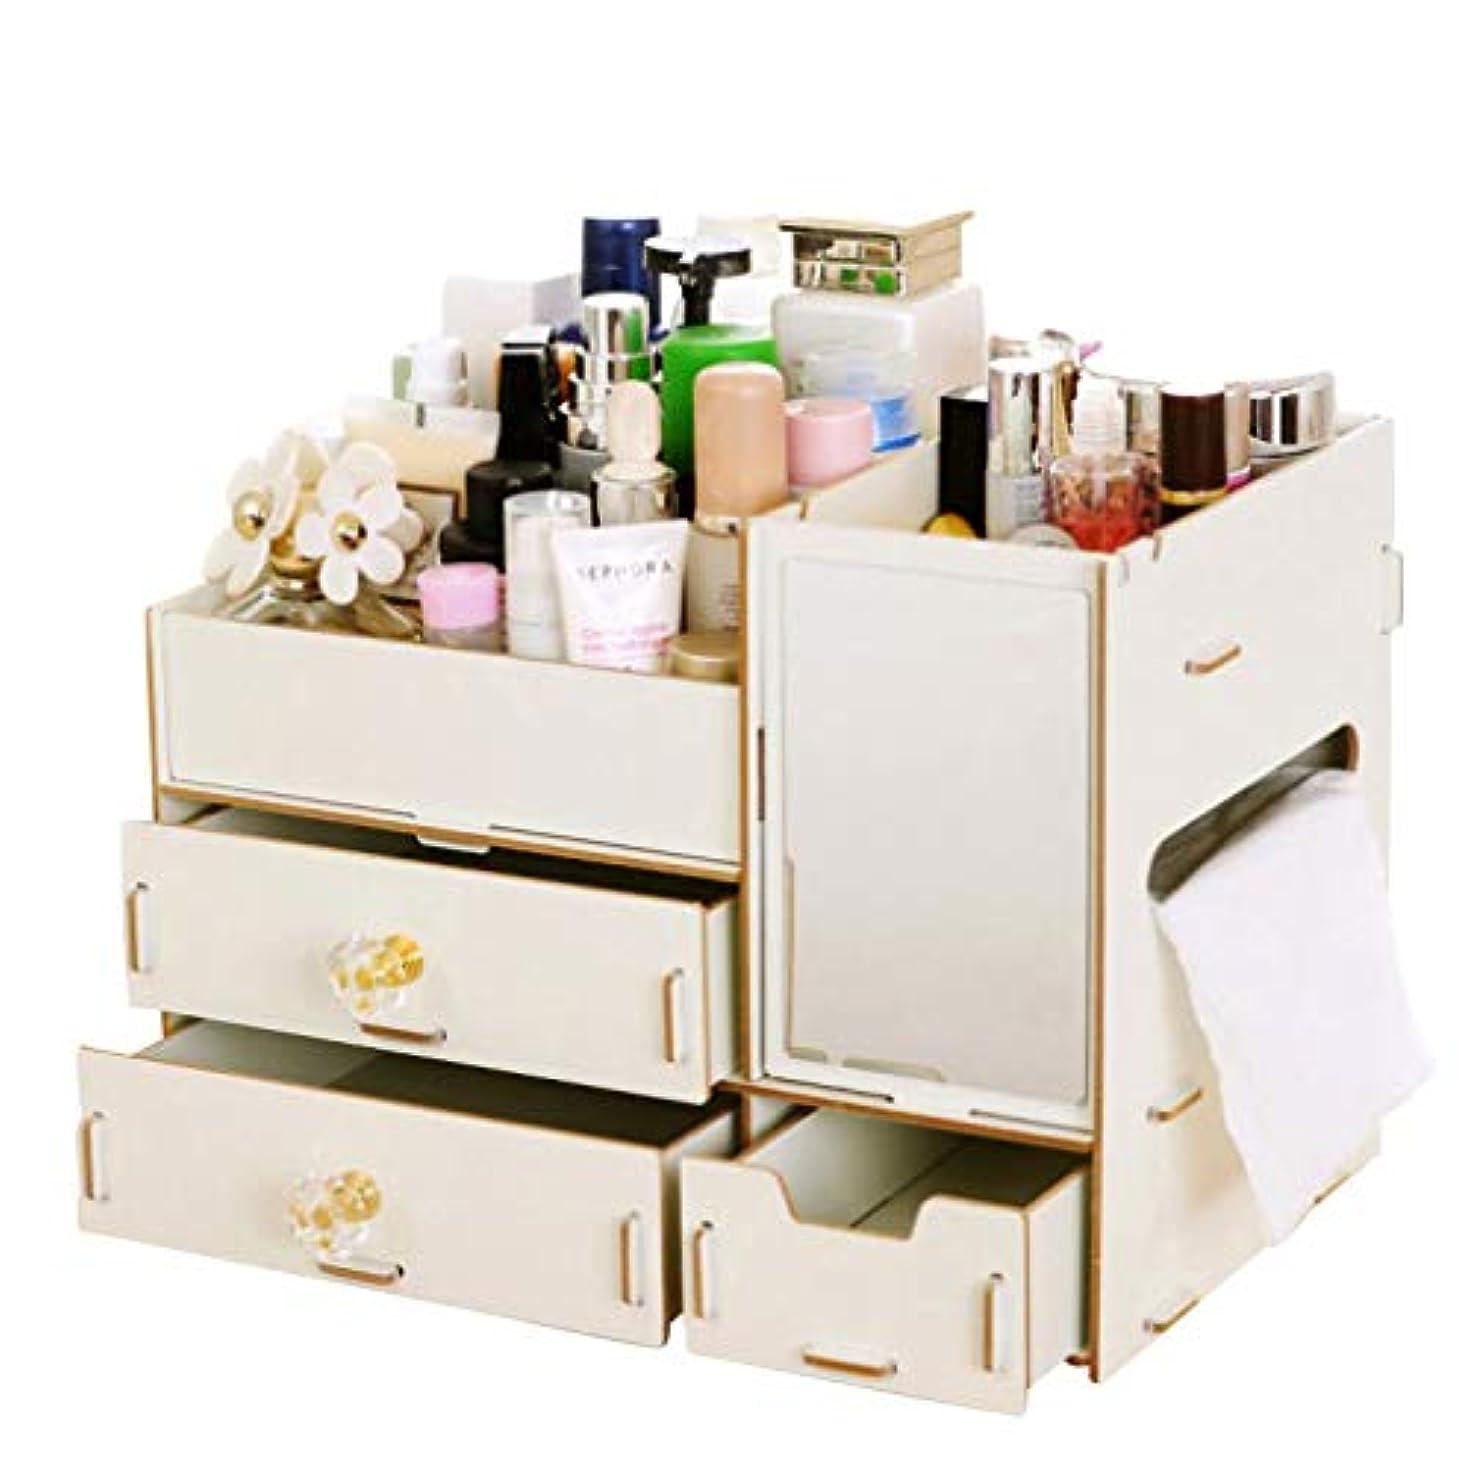 インターネット側溝最も伊耶那美(イザナミ) 化粧品 コスメ ジュエリー 収納 ボックス メイクボックス 木製 組み立て式(白色)